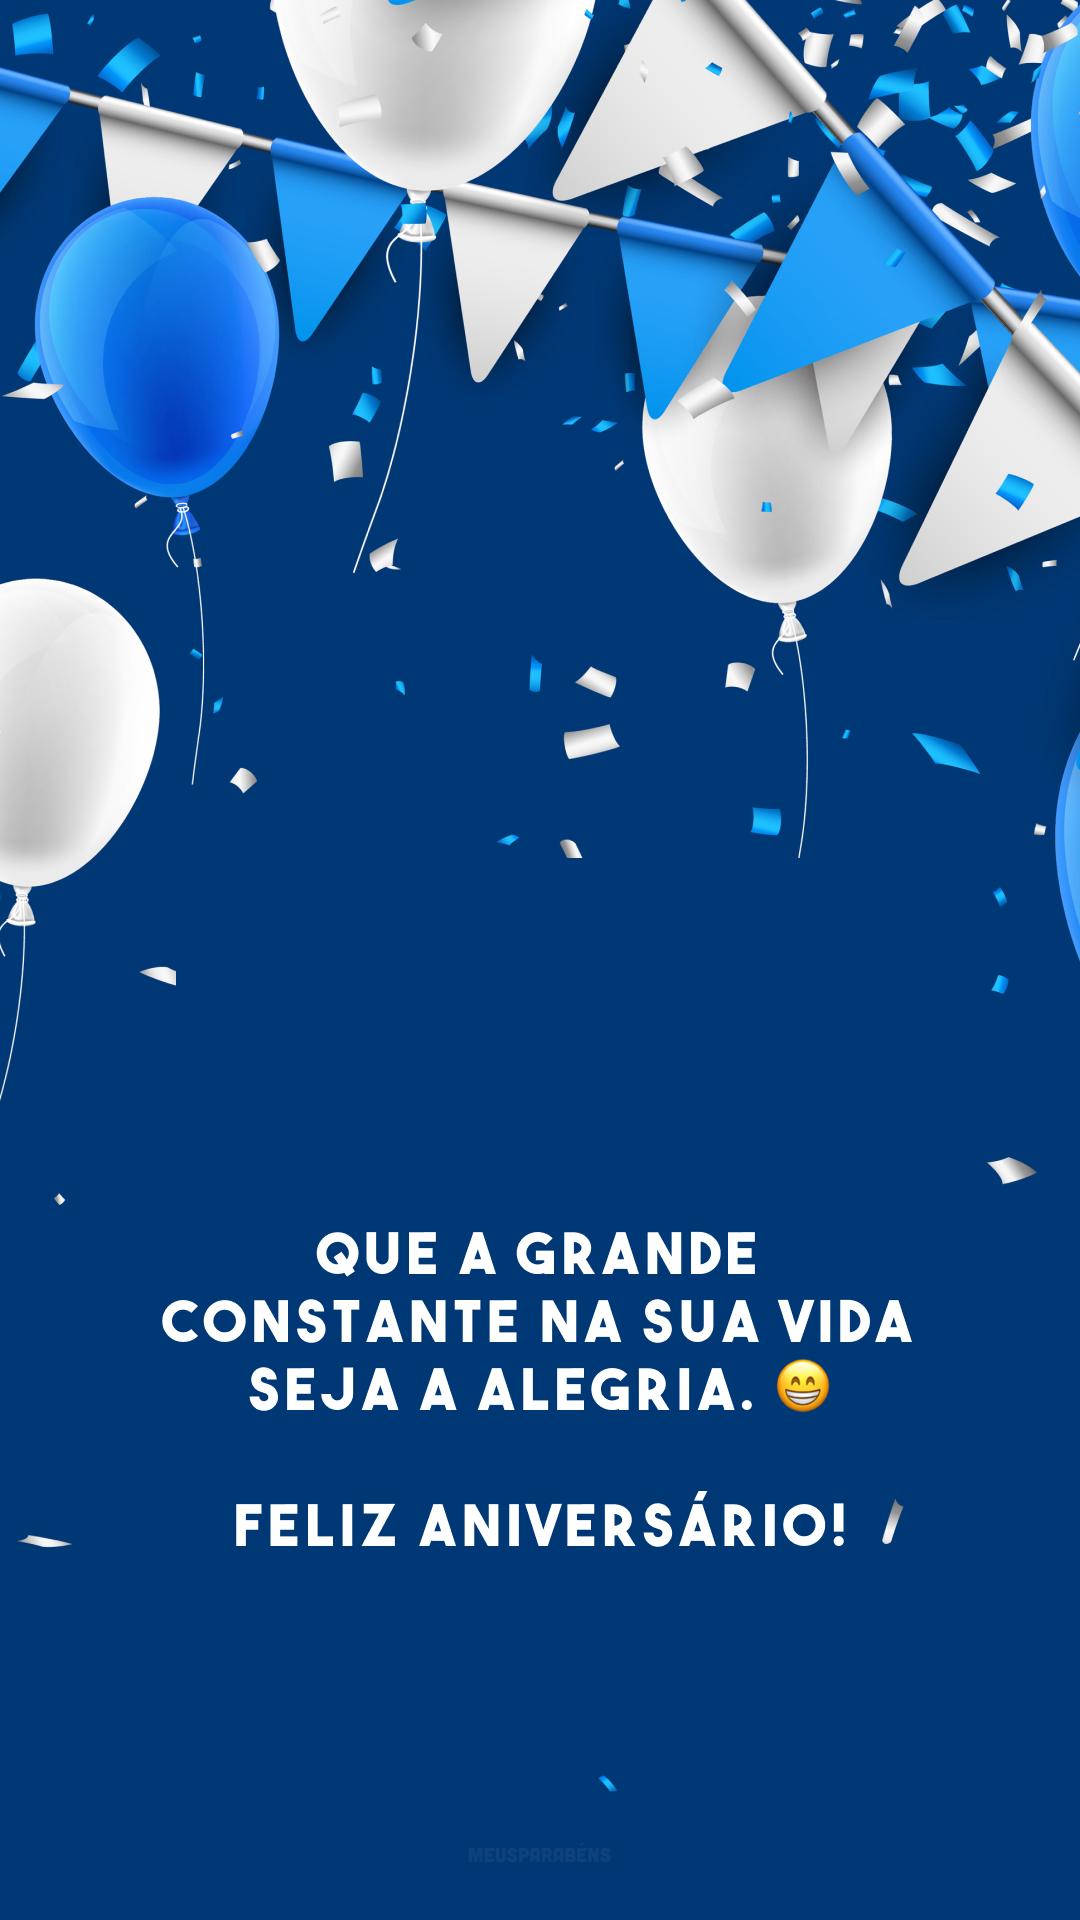 Que a grande constante na sua vida seja a alegria. 😁 Feliz aniversário!